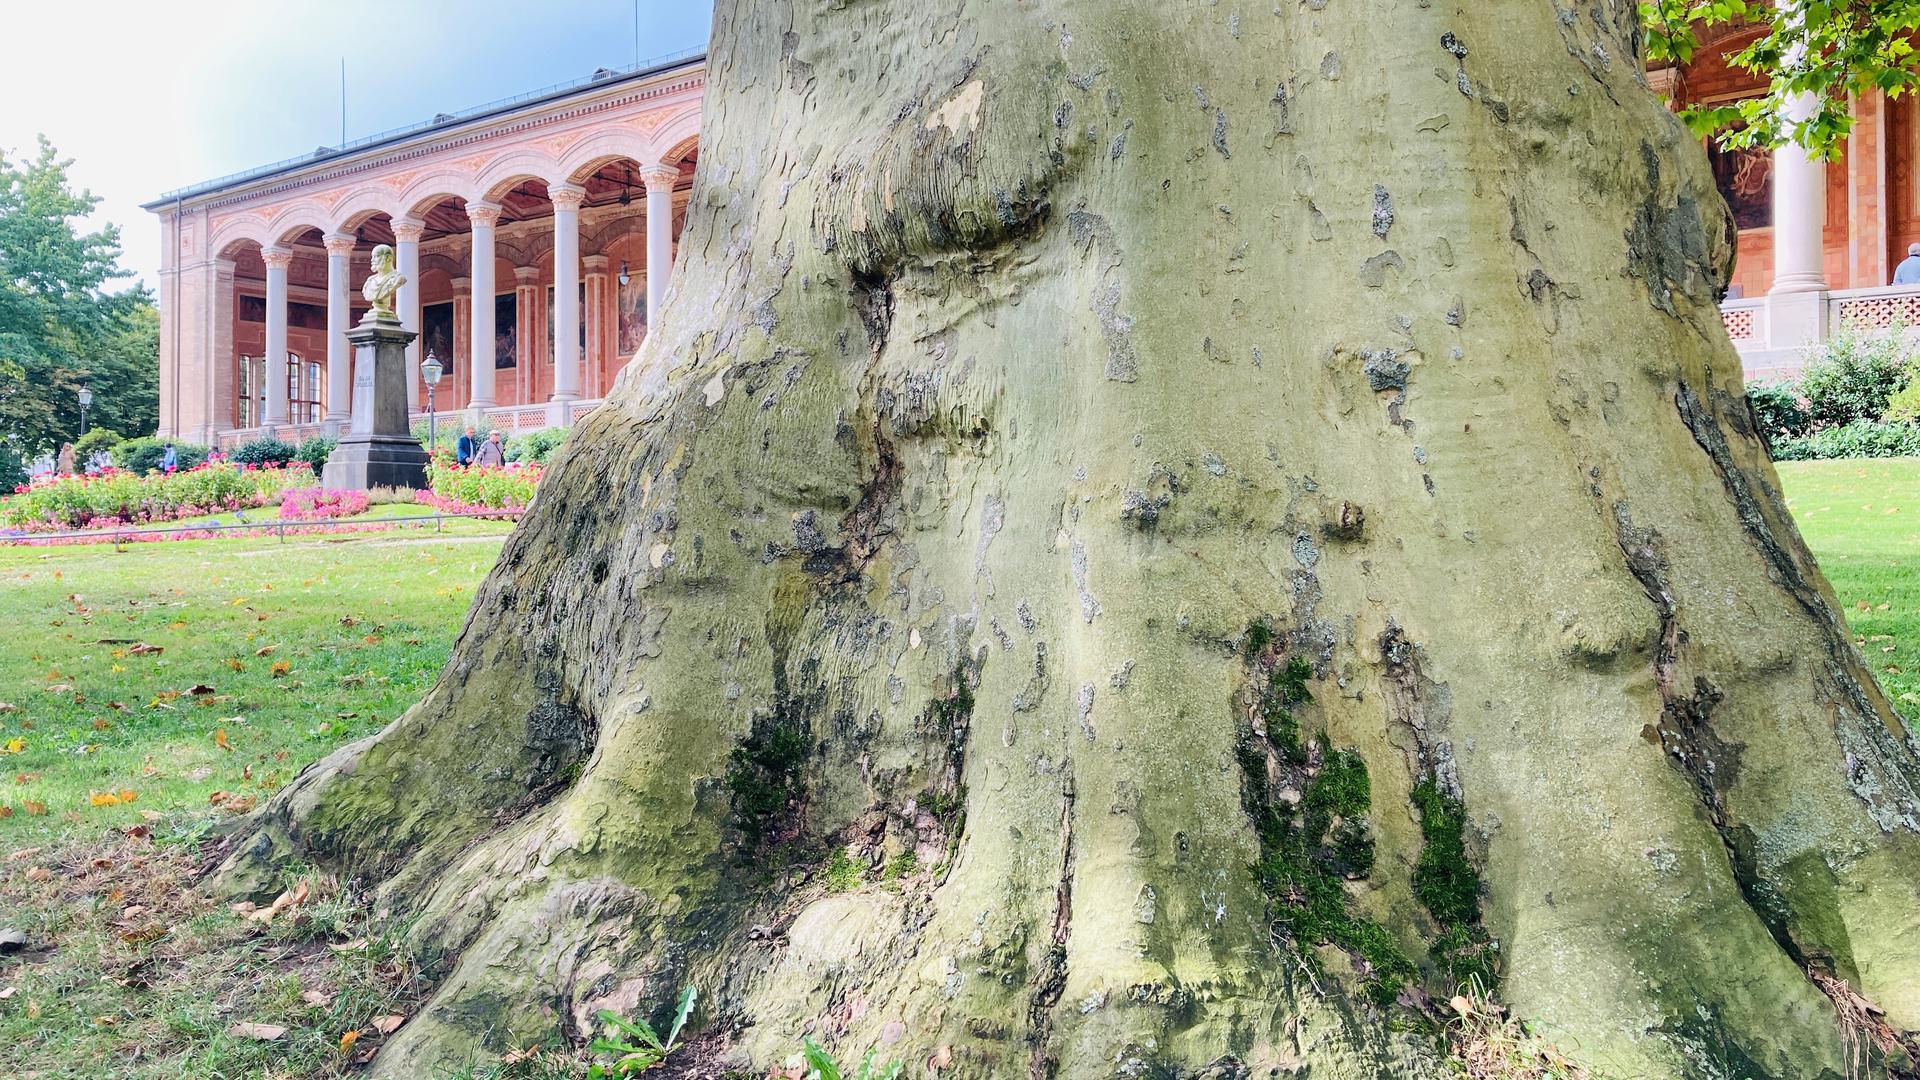 Vor der Trinkhalle in Baden-Baden steht ein mächtiger Baum.